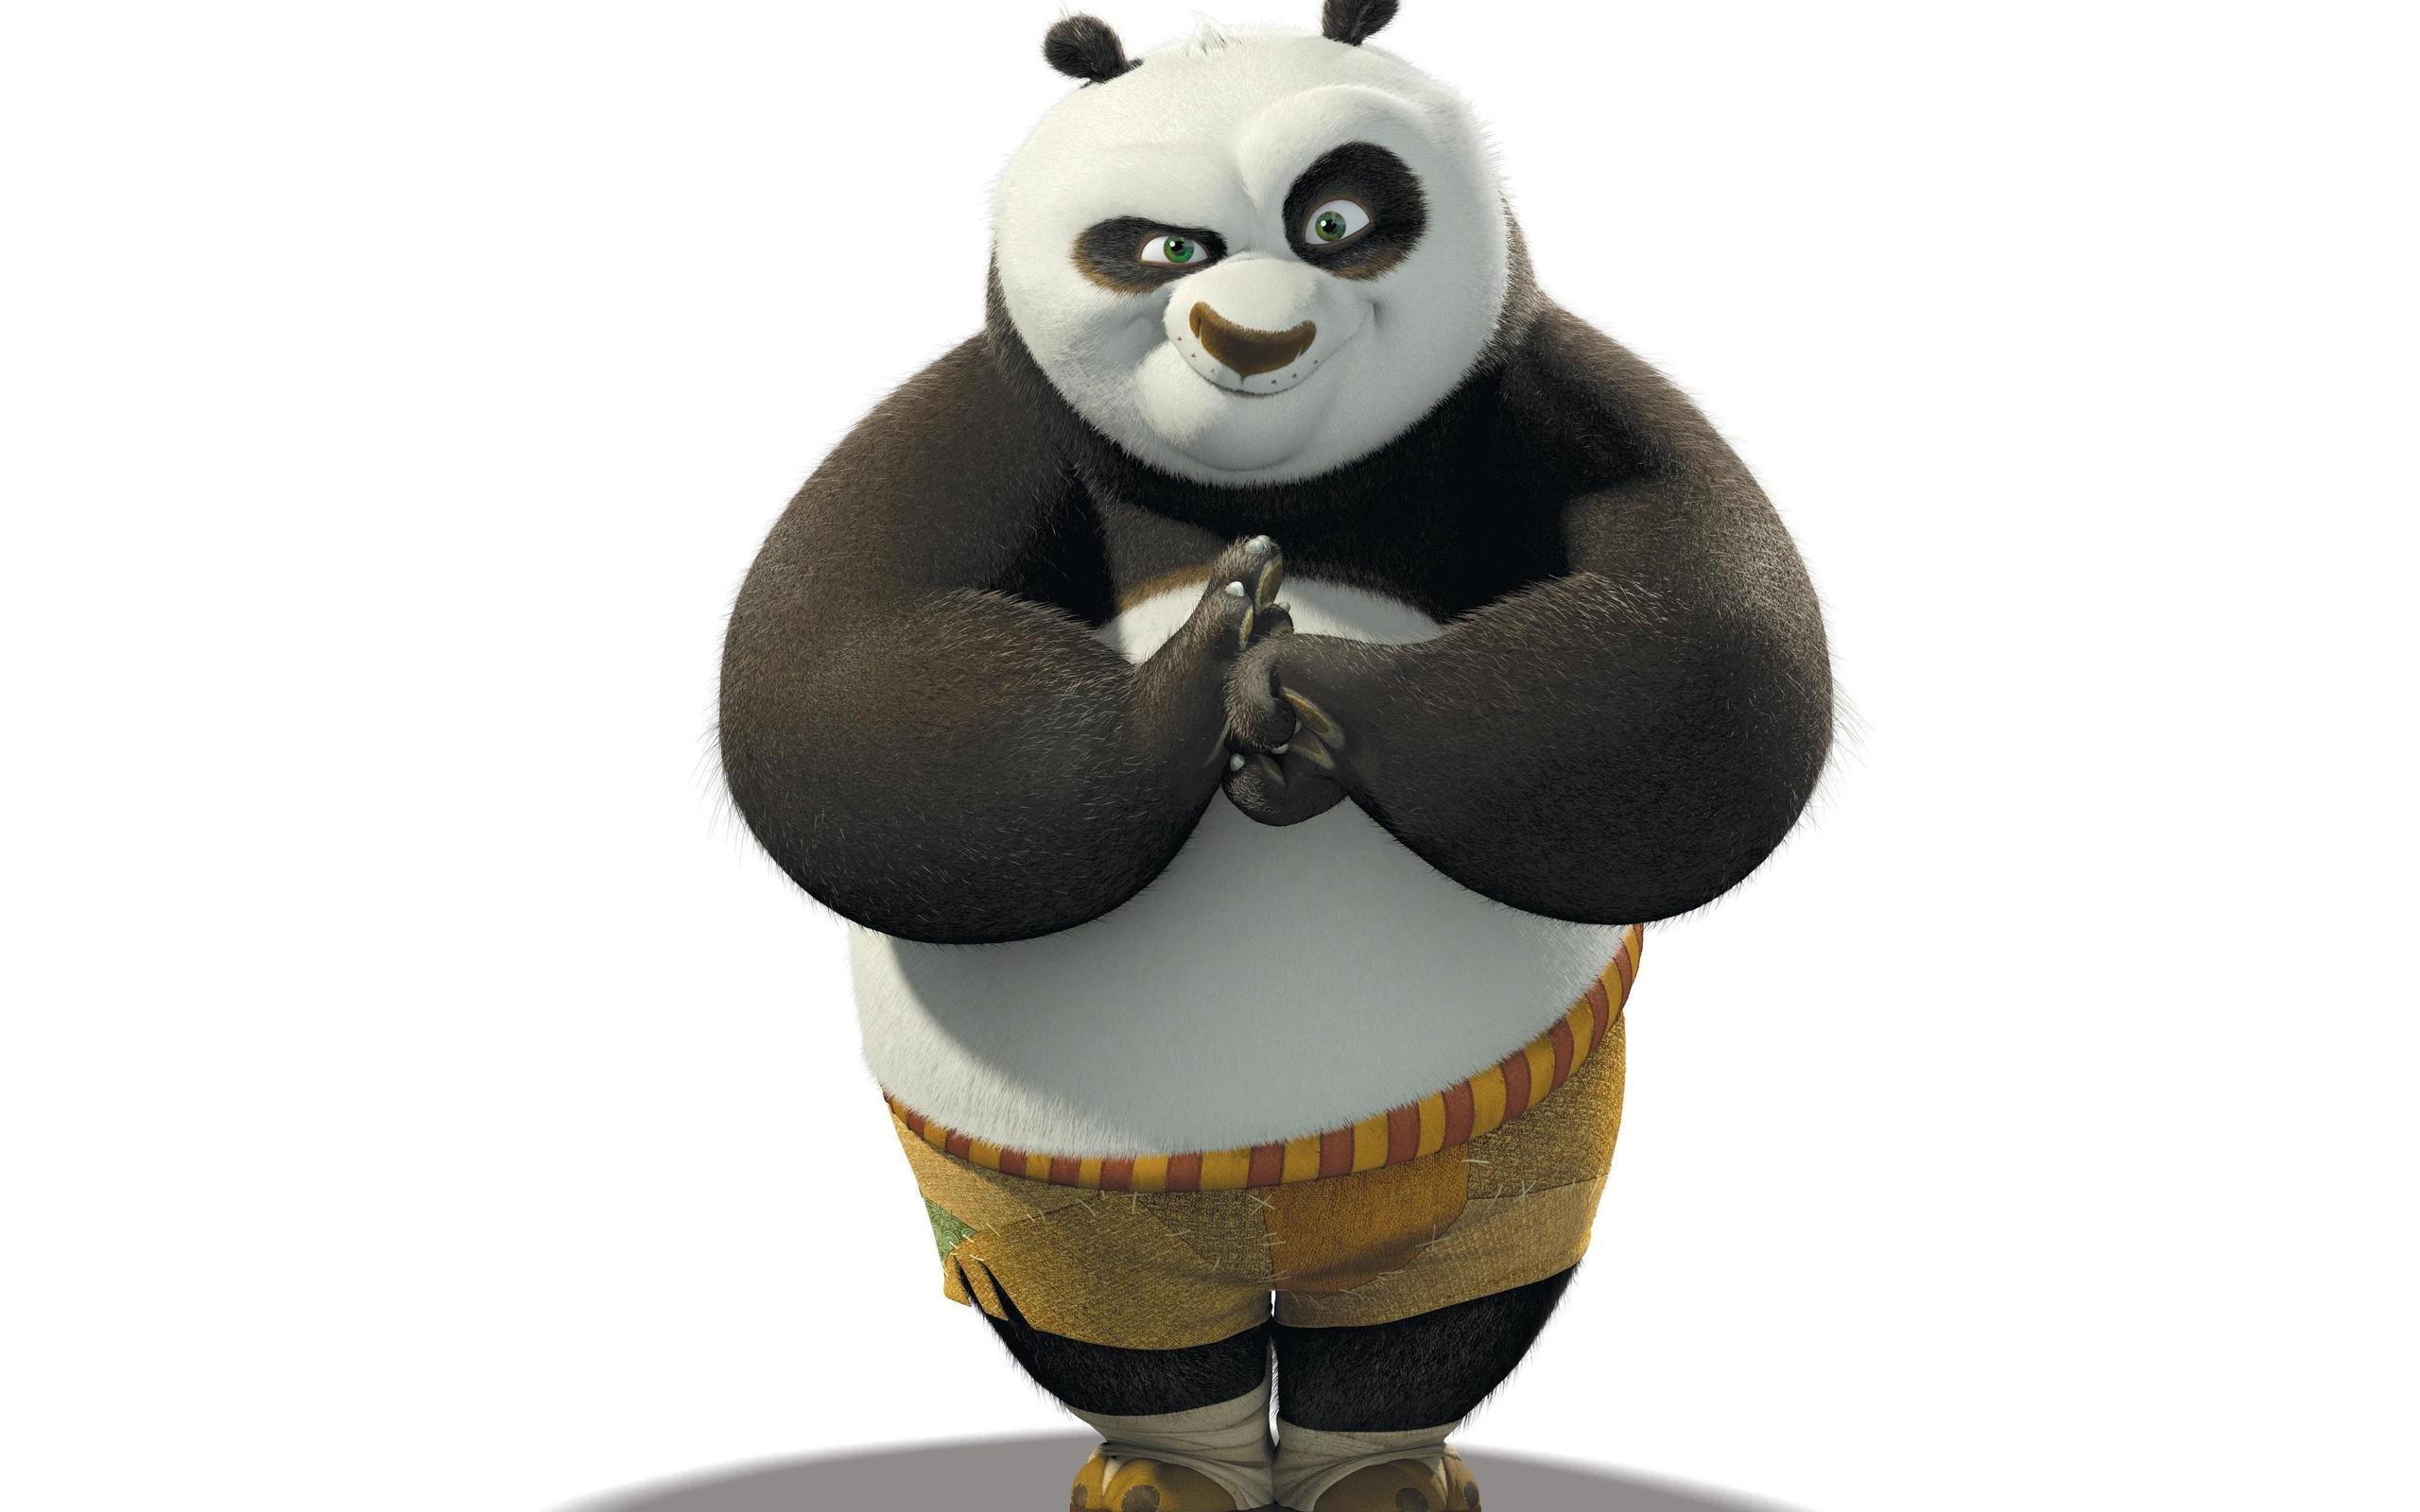 Про, кунфу панда картинки на белом фоне